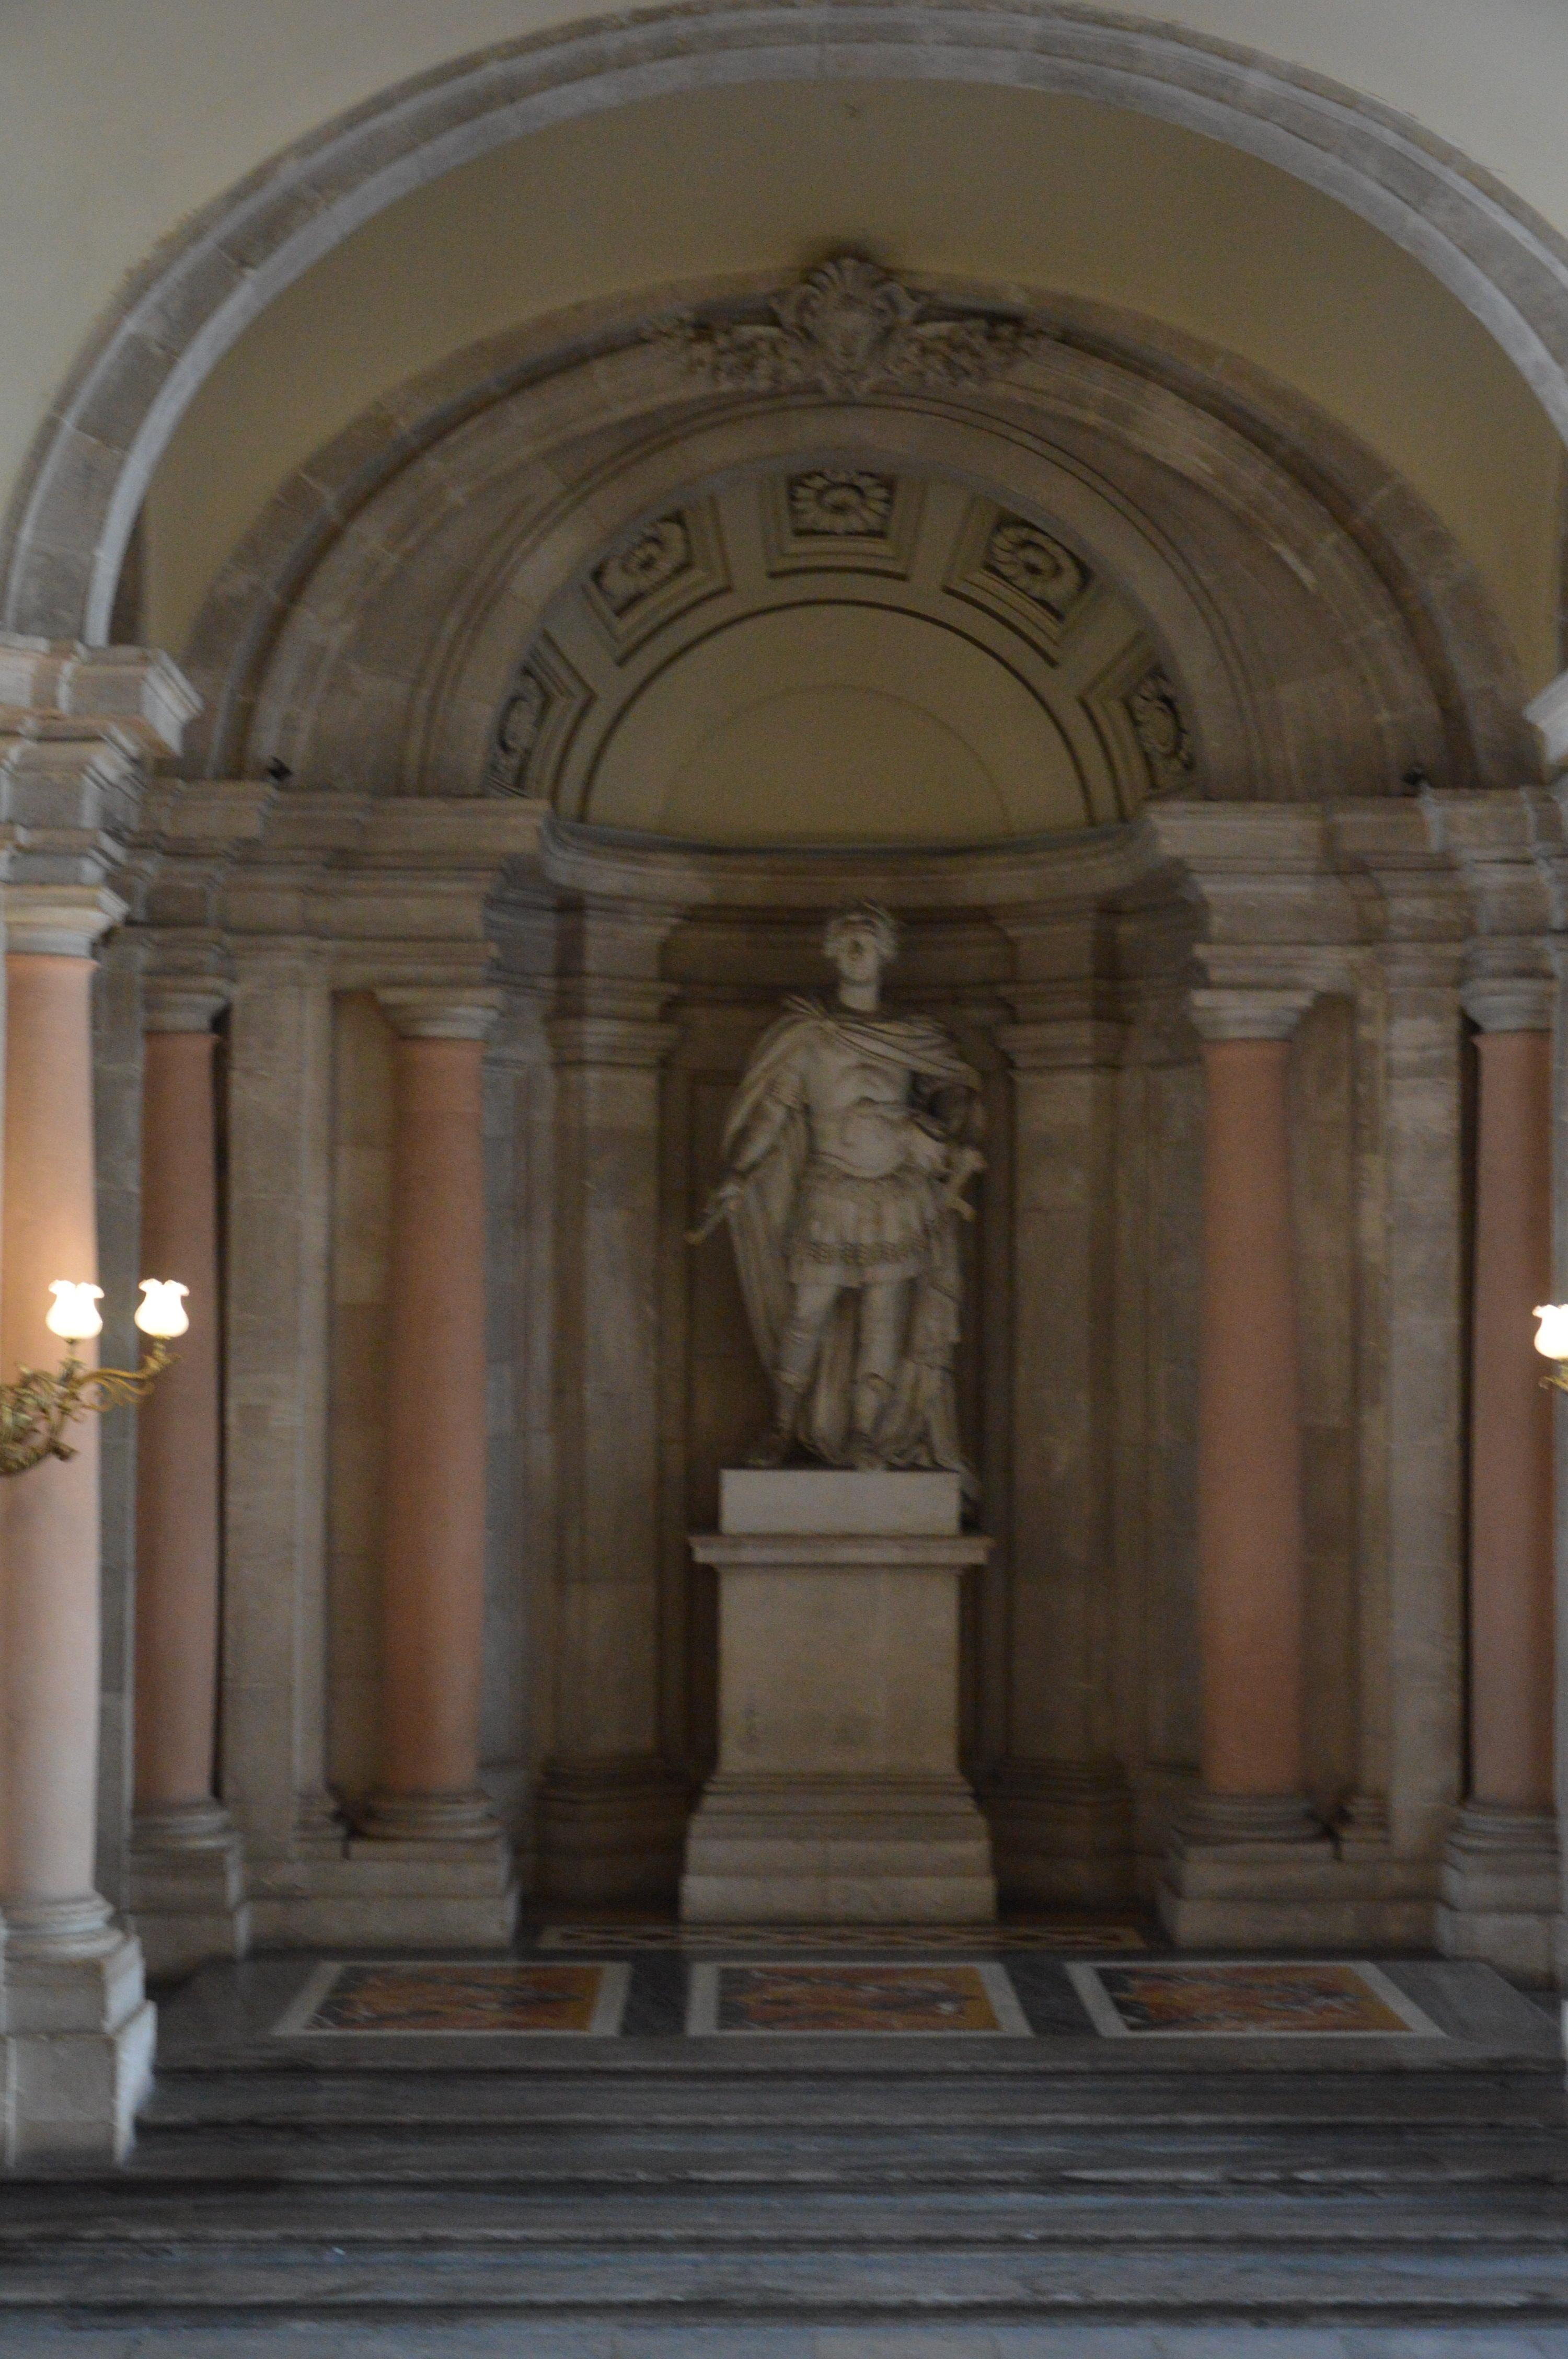 【携程攻略】马德里马德里王宫景点,宫殿内部不允许图片